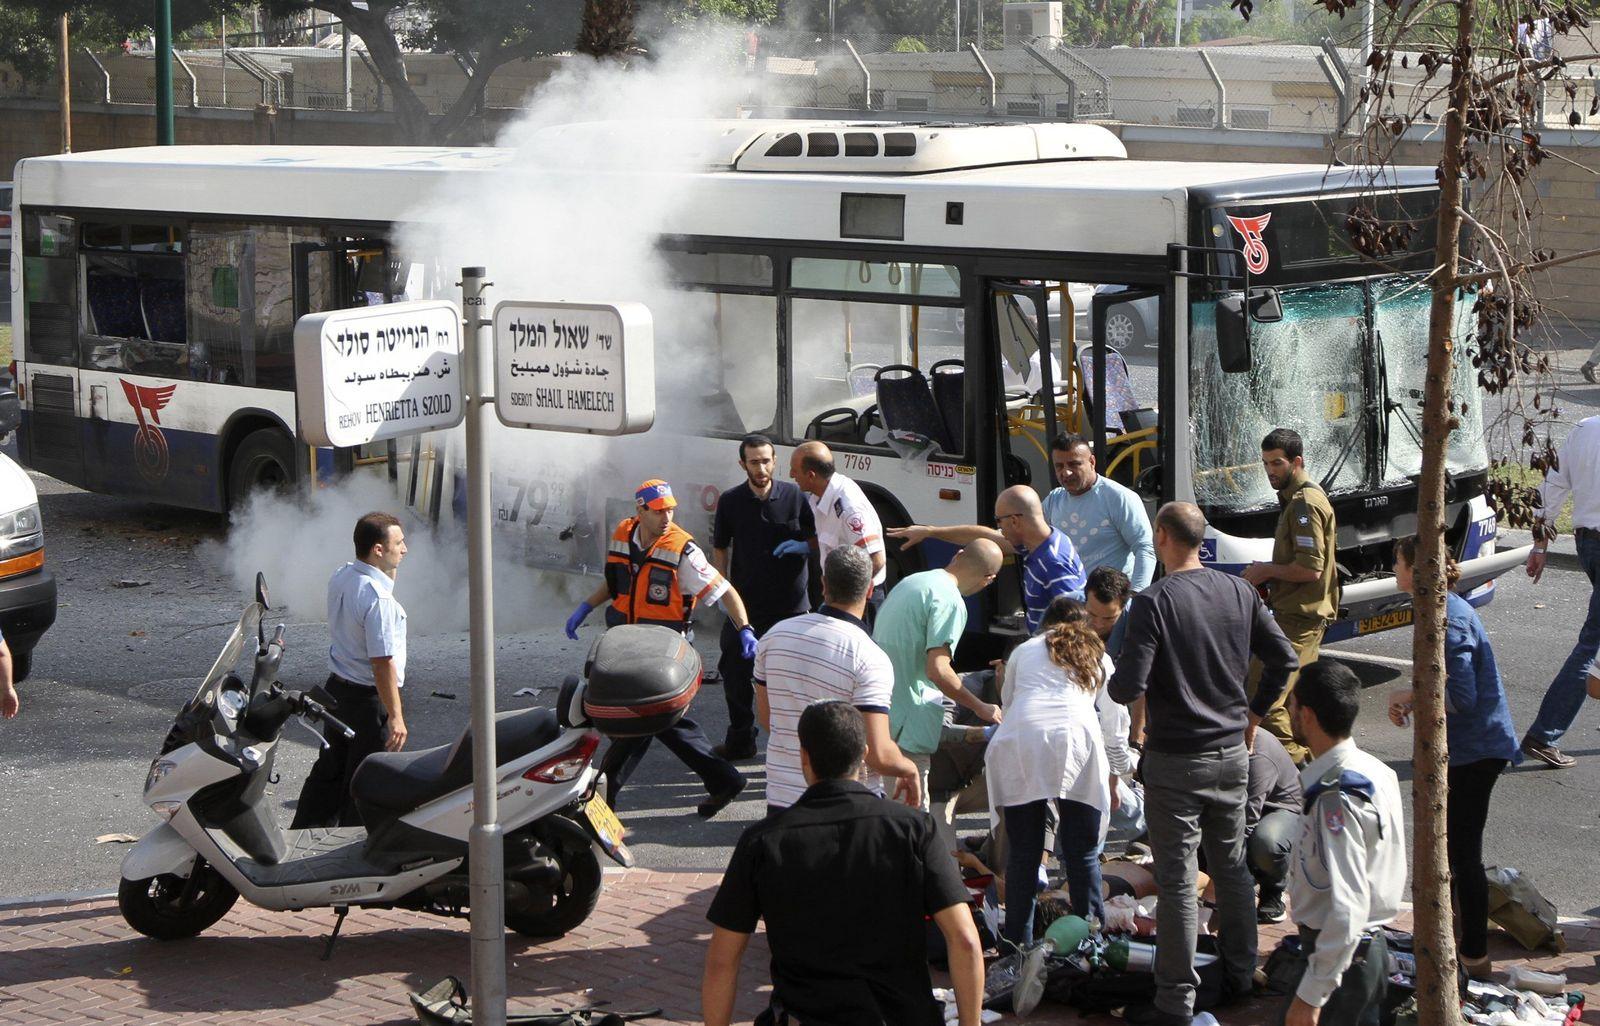 Tel Aviv/ Bus Explosion